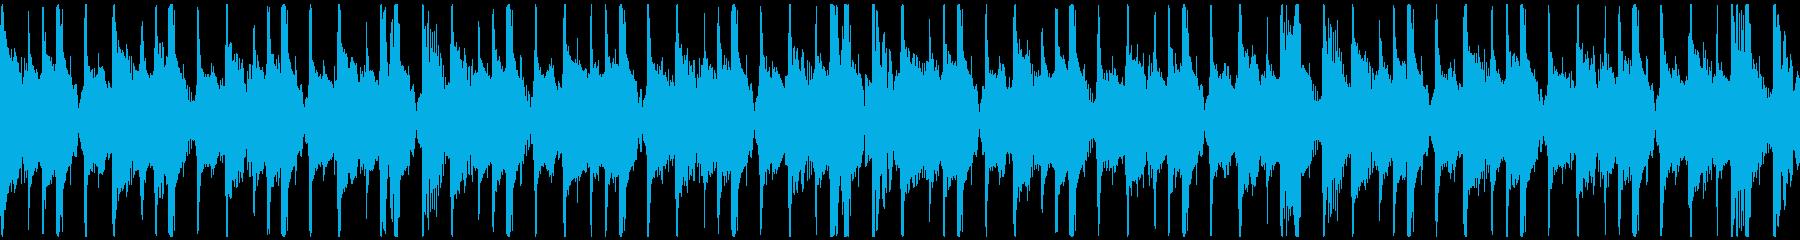 トロピカル・おしゃれ・セクシー/ループの再生済みの波形